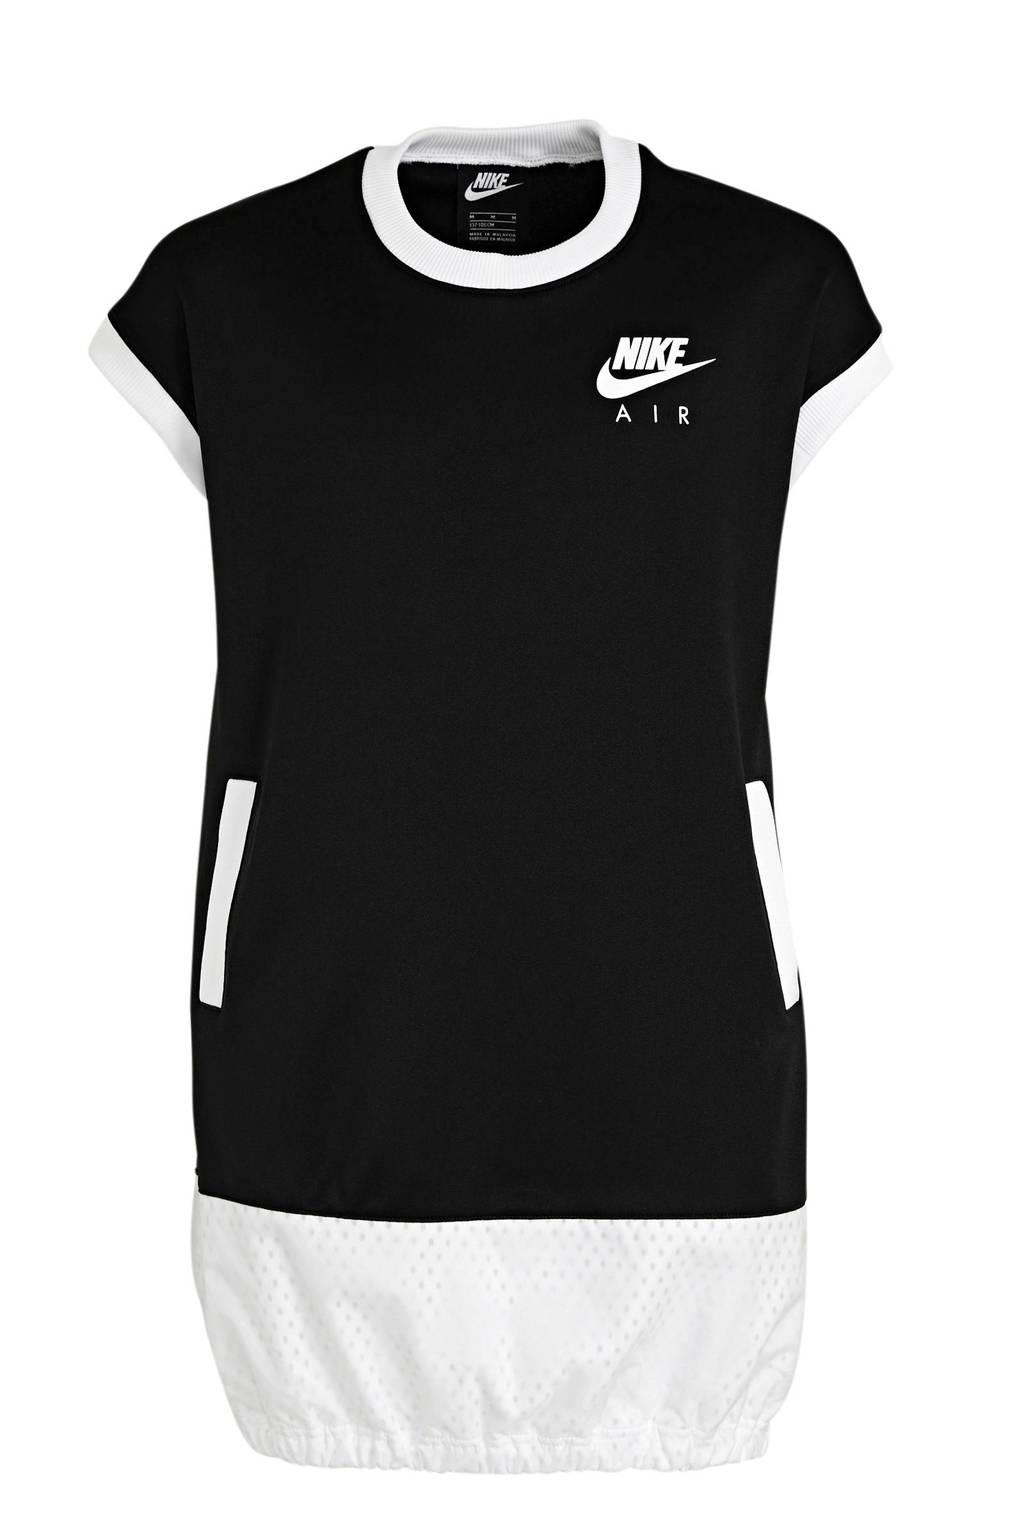 Nike Air T-shirt jurk zwart/wit, Zwart/wit